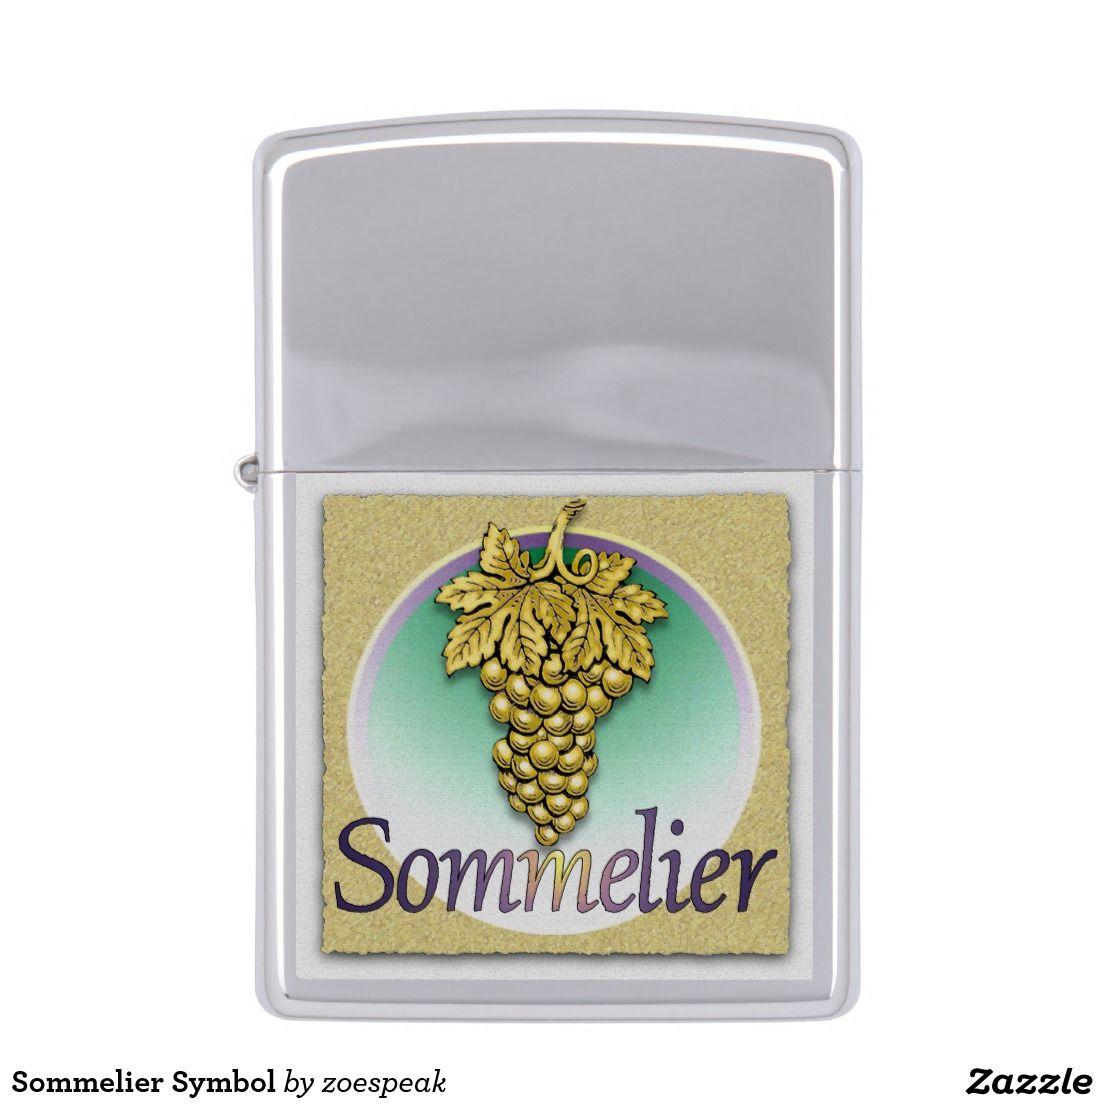 Sommelier Symbol Zippo Lighter from ZoeSPEAK